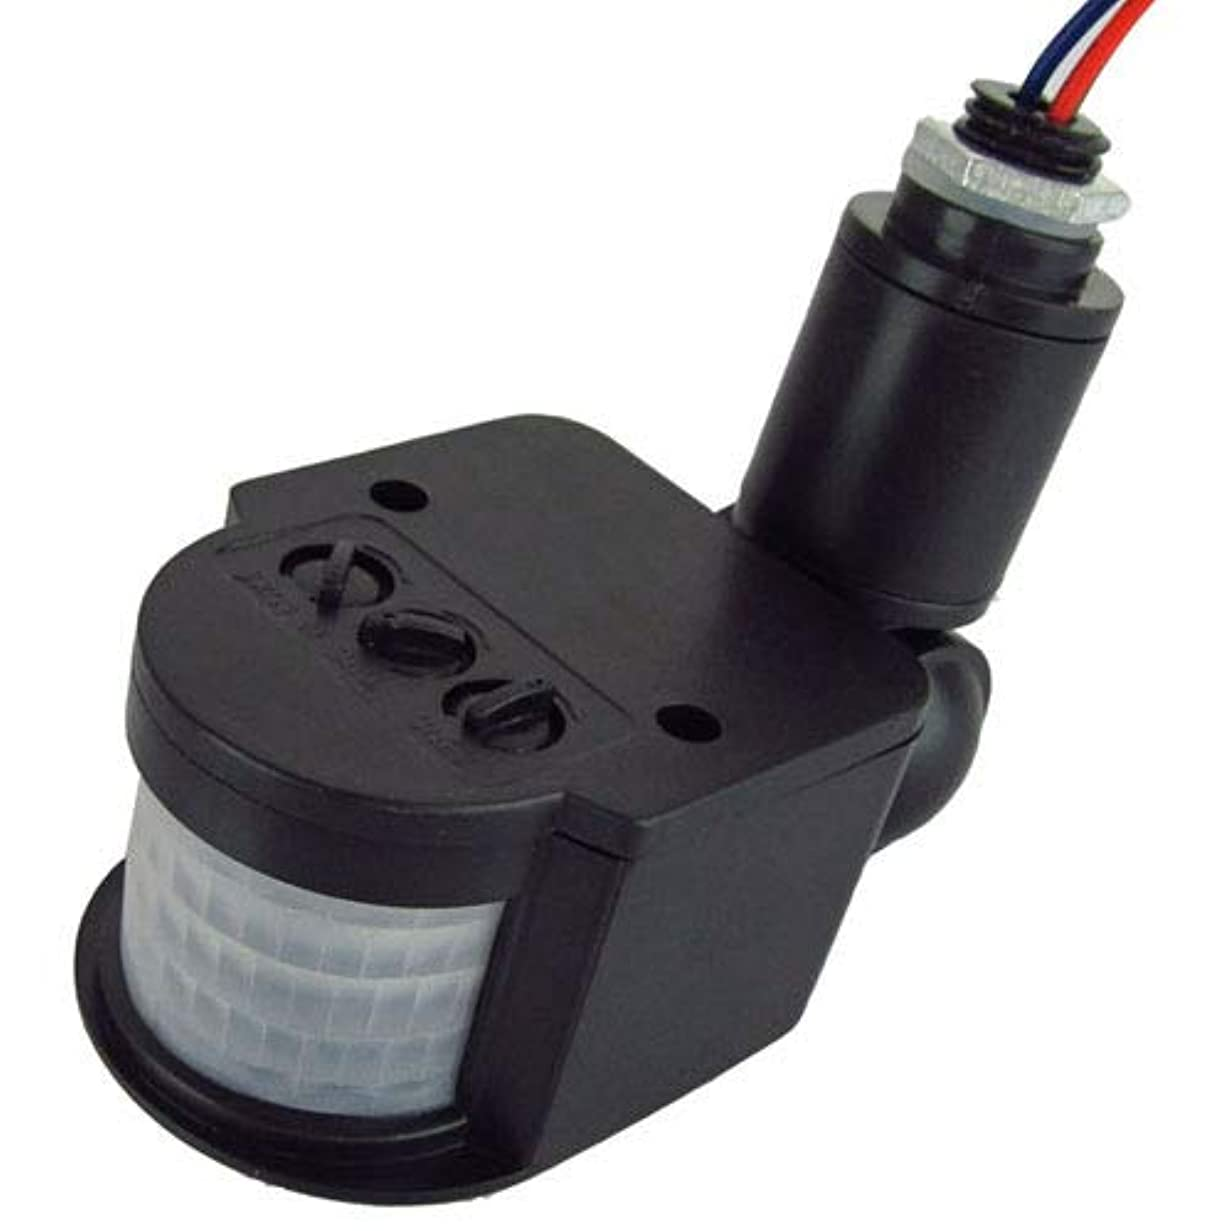 とまり木酔う有限Doyime 12M PIR 赤外線 モーション センサー 検出器 LED ライト アウトドア RF AC85V~265V